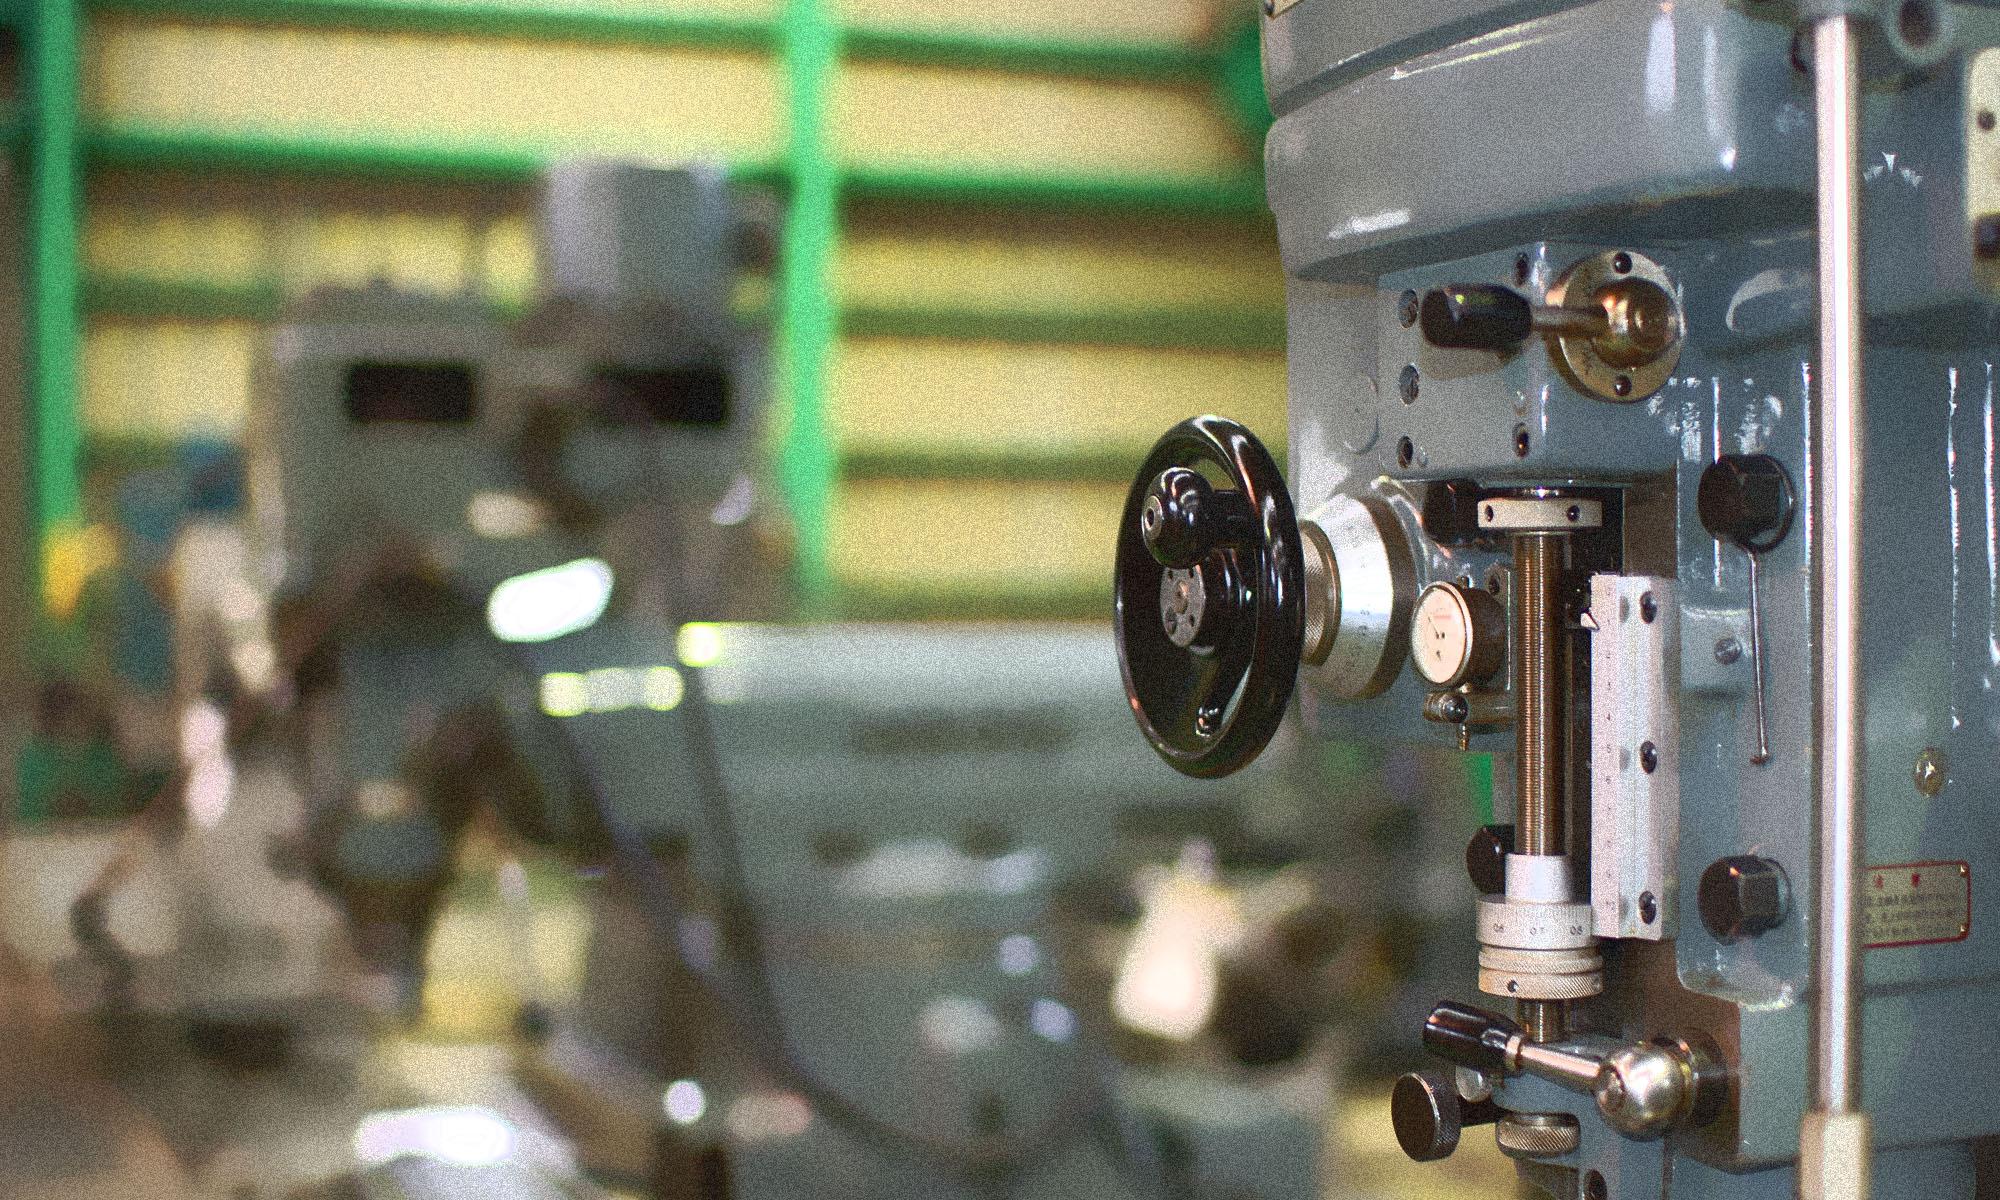 中古機械 買取BLOG – 機械の中を見てみよう –